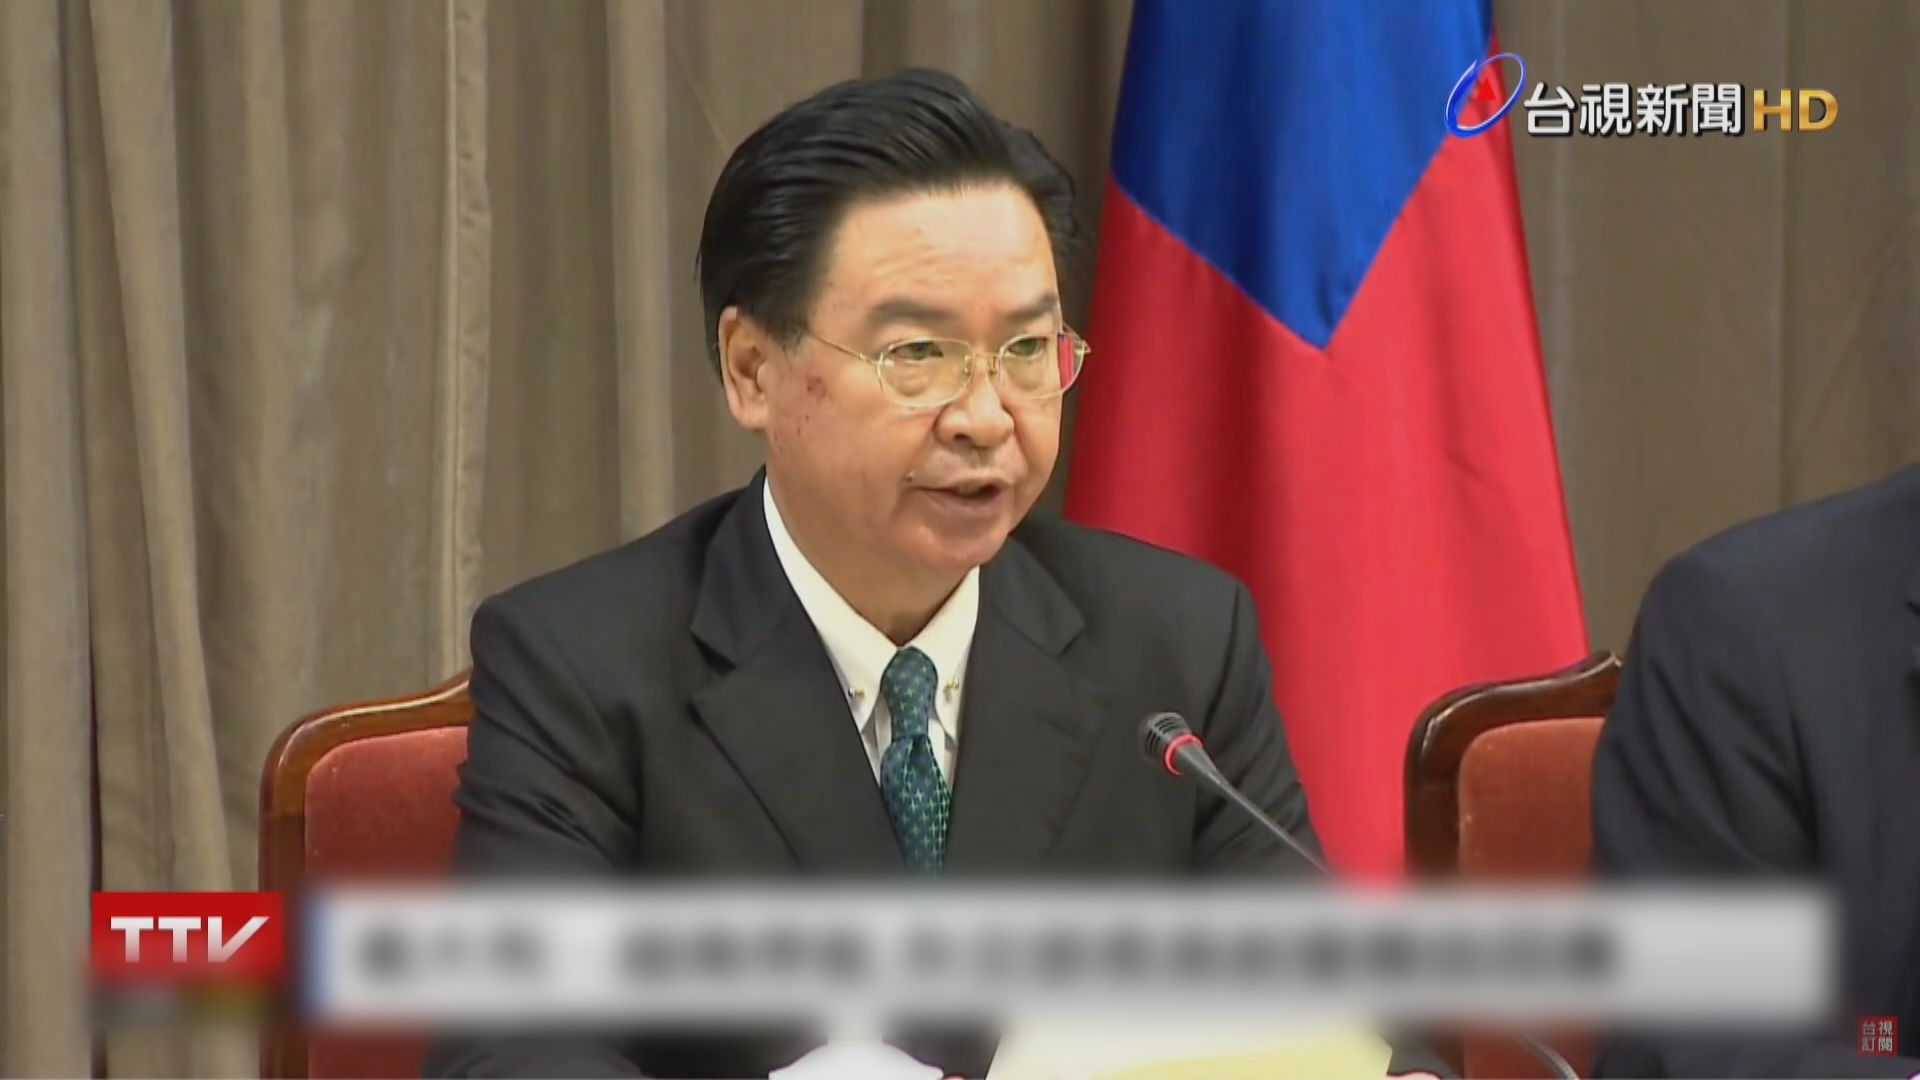 台灣指世衛錯誤資訊致意大利禁台航班